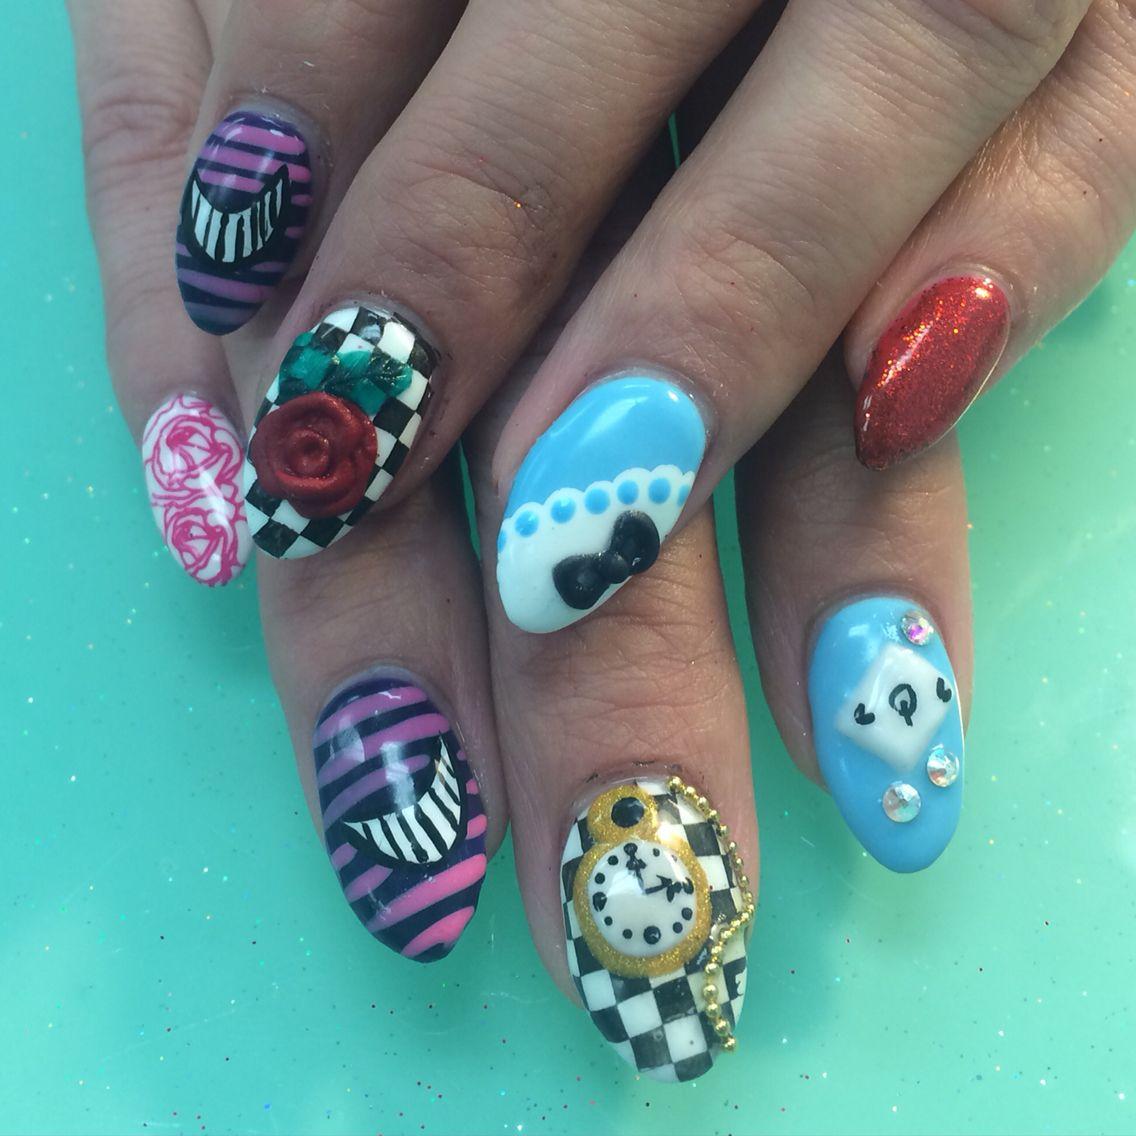 Alice in wonderland nails | Nails I've done | Pinterest ...